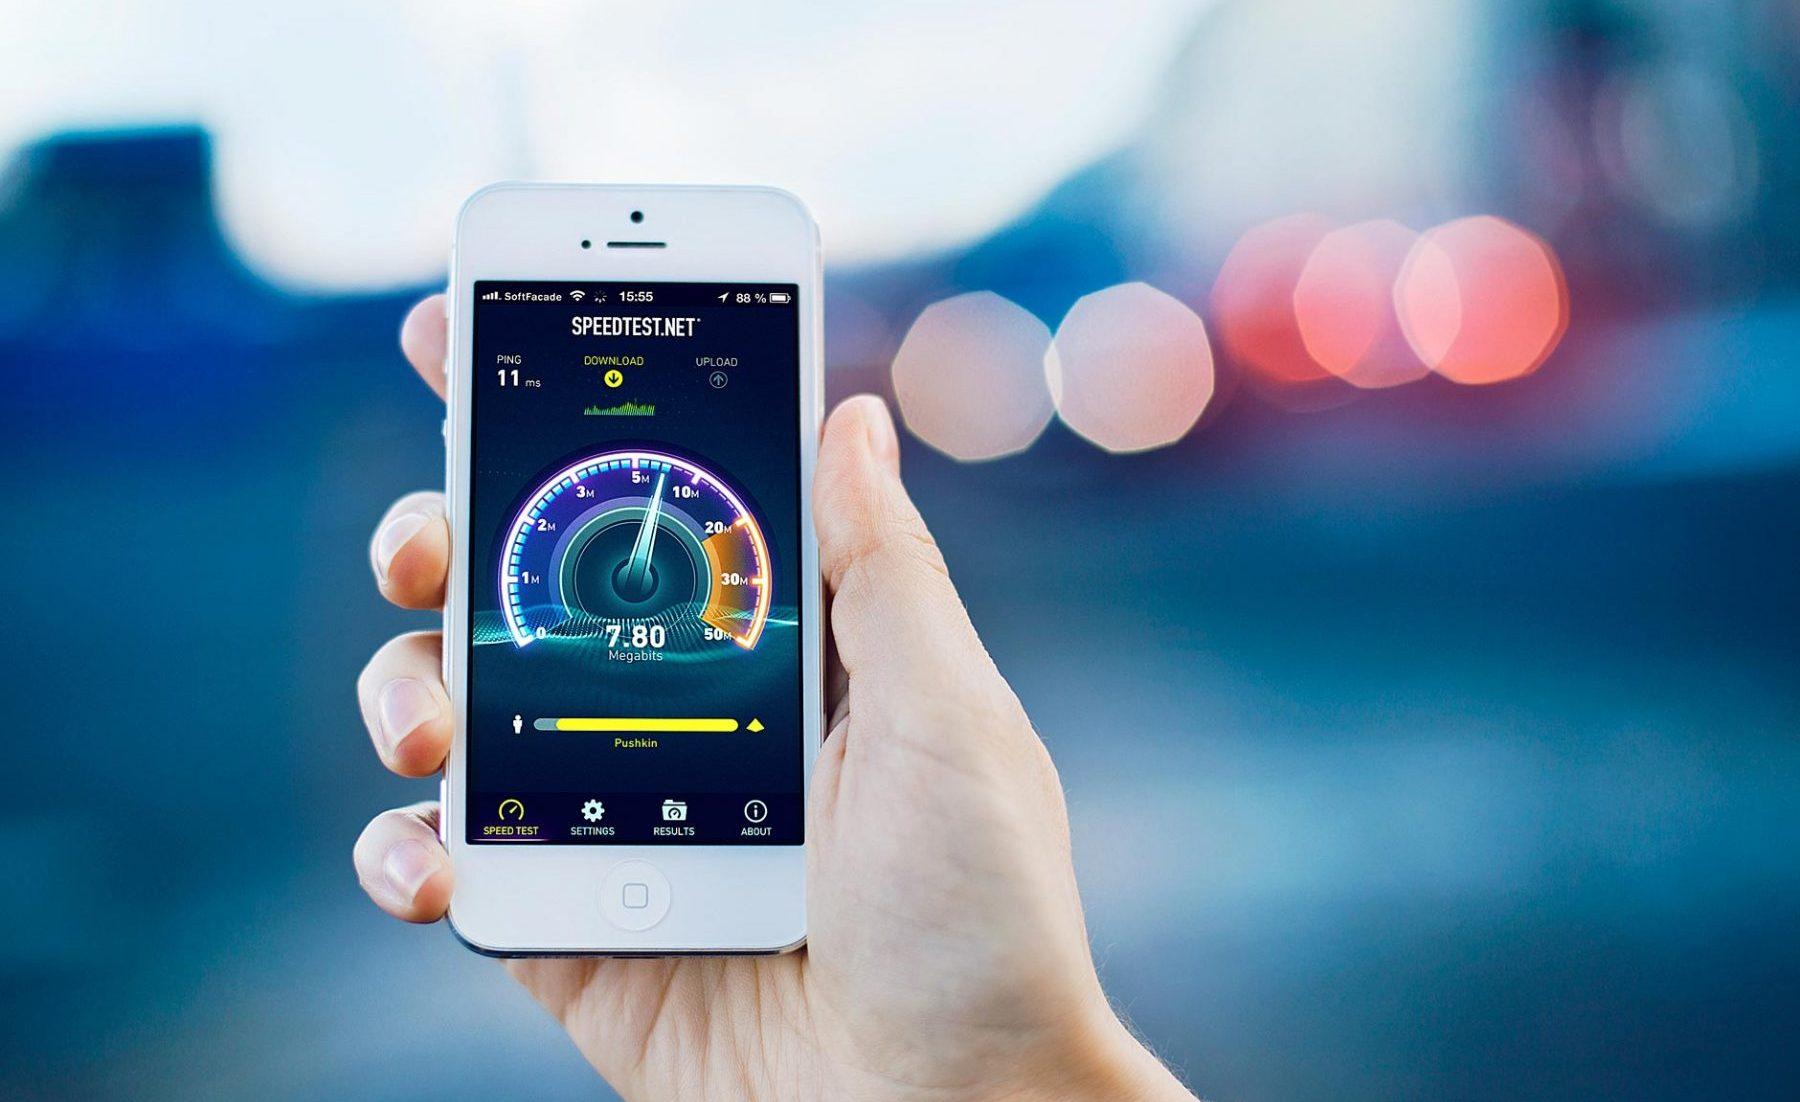 Нигерия иЛивия опережают Узбекистан поскорости мобильного интернета